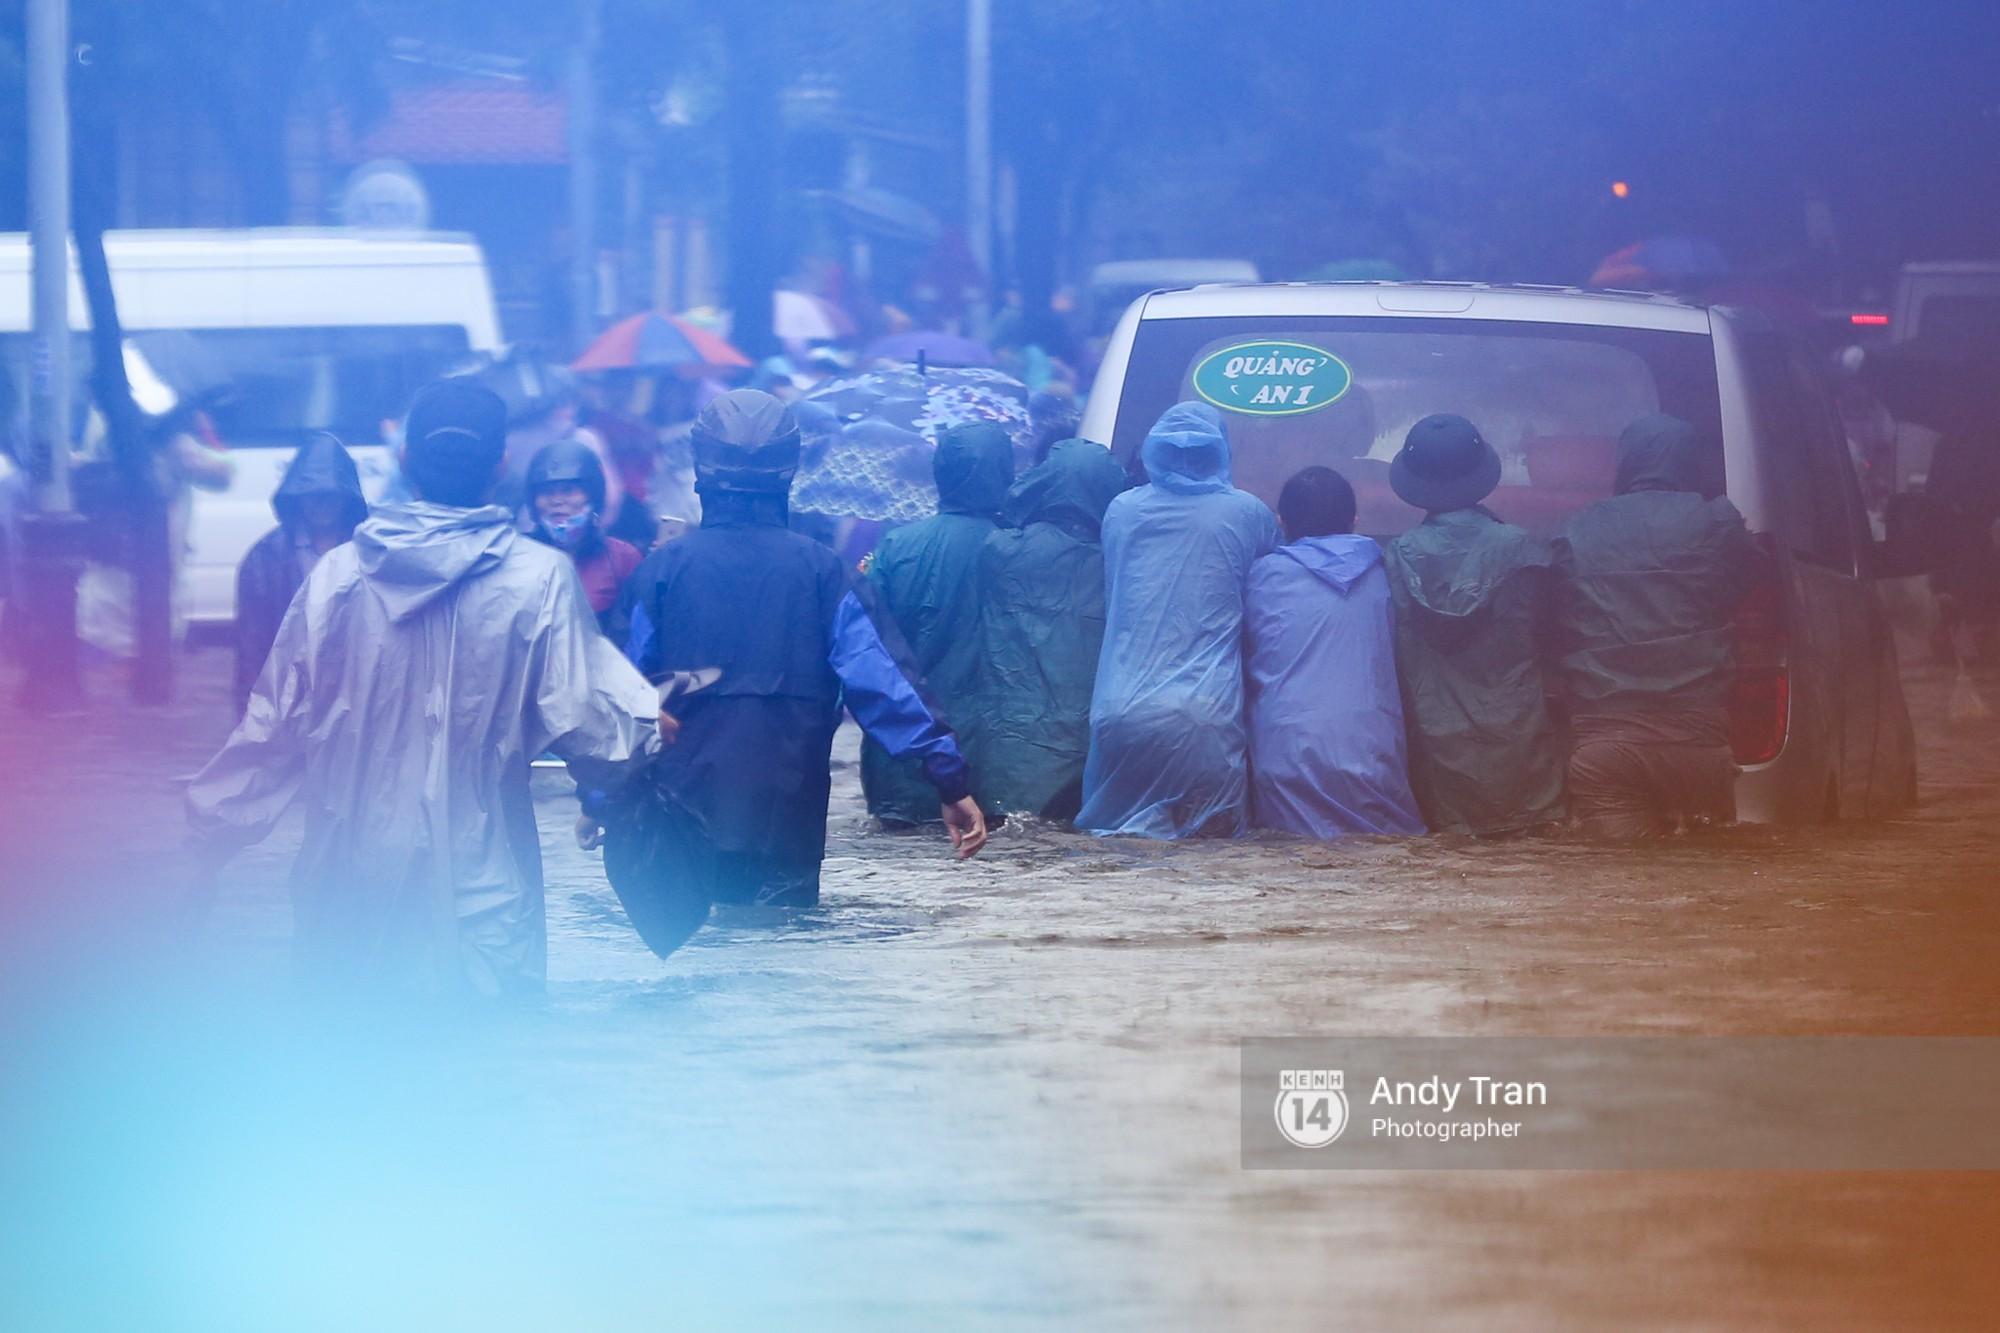 Chùm ảnh: Hội An nước ngập thành sông do ảnh hưởng của bão, người dân và du khách chật vật dùng thuyền bè di chuyển - Ảnh 11.